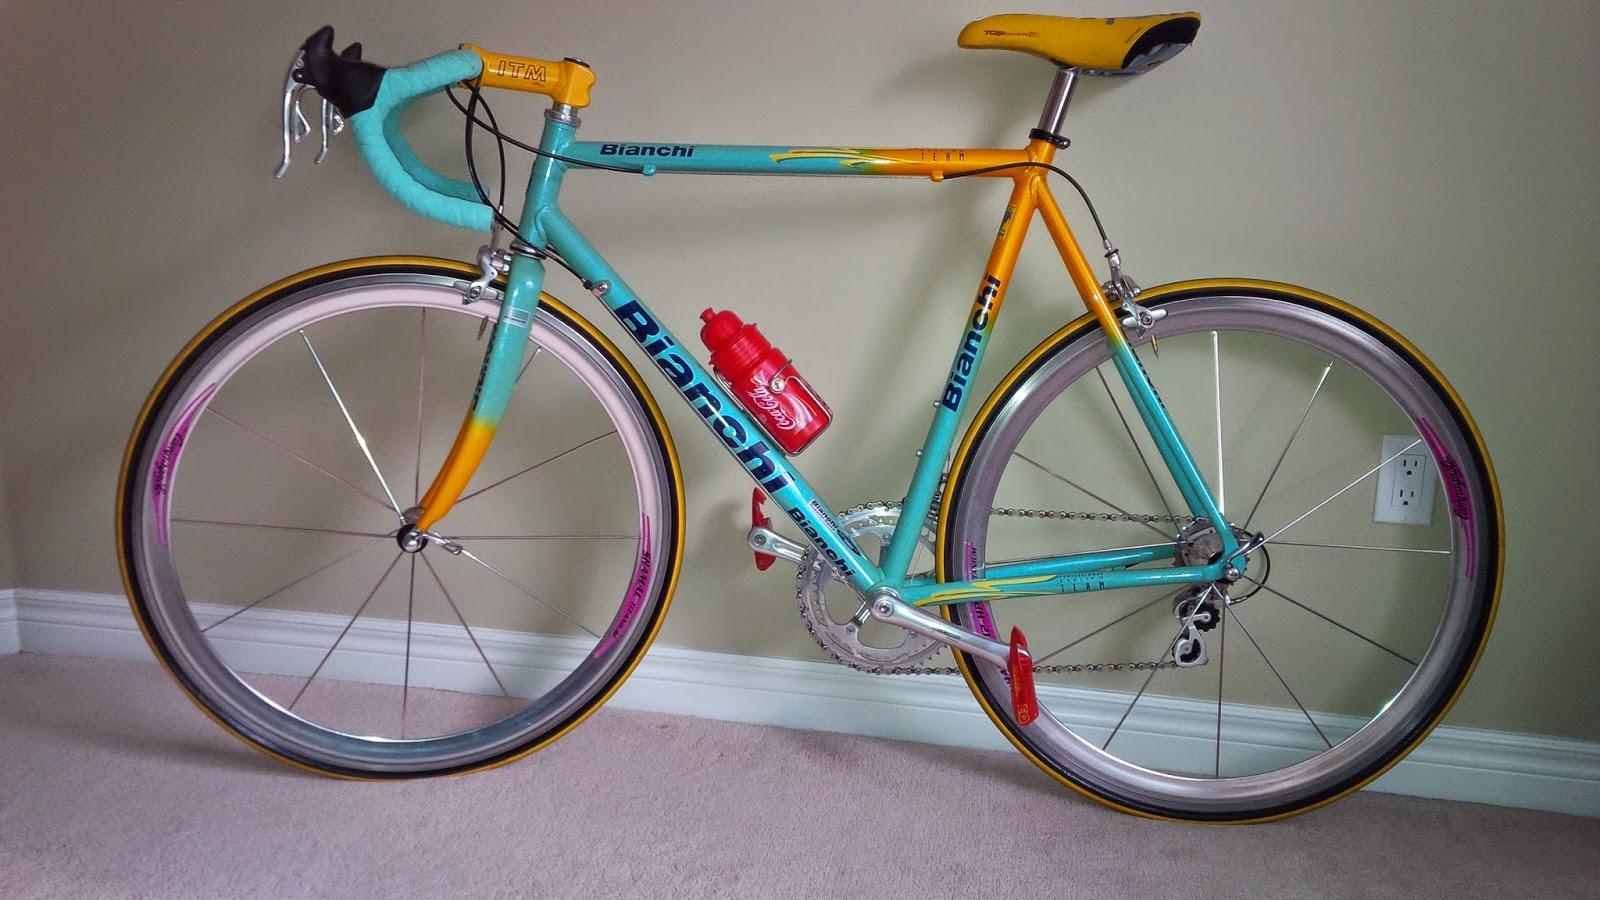 biciak: 1998 Tour de France Bianchi Pantani Mercatone Uno Team ...